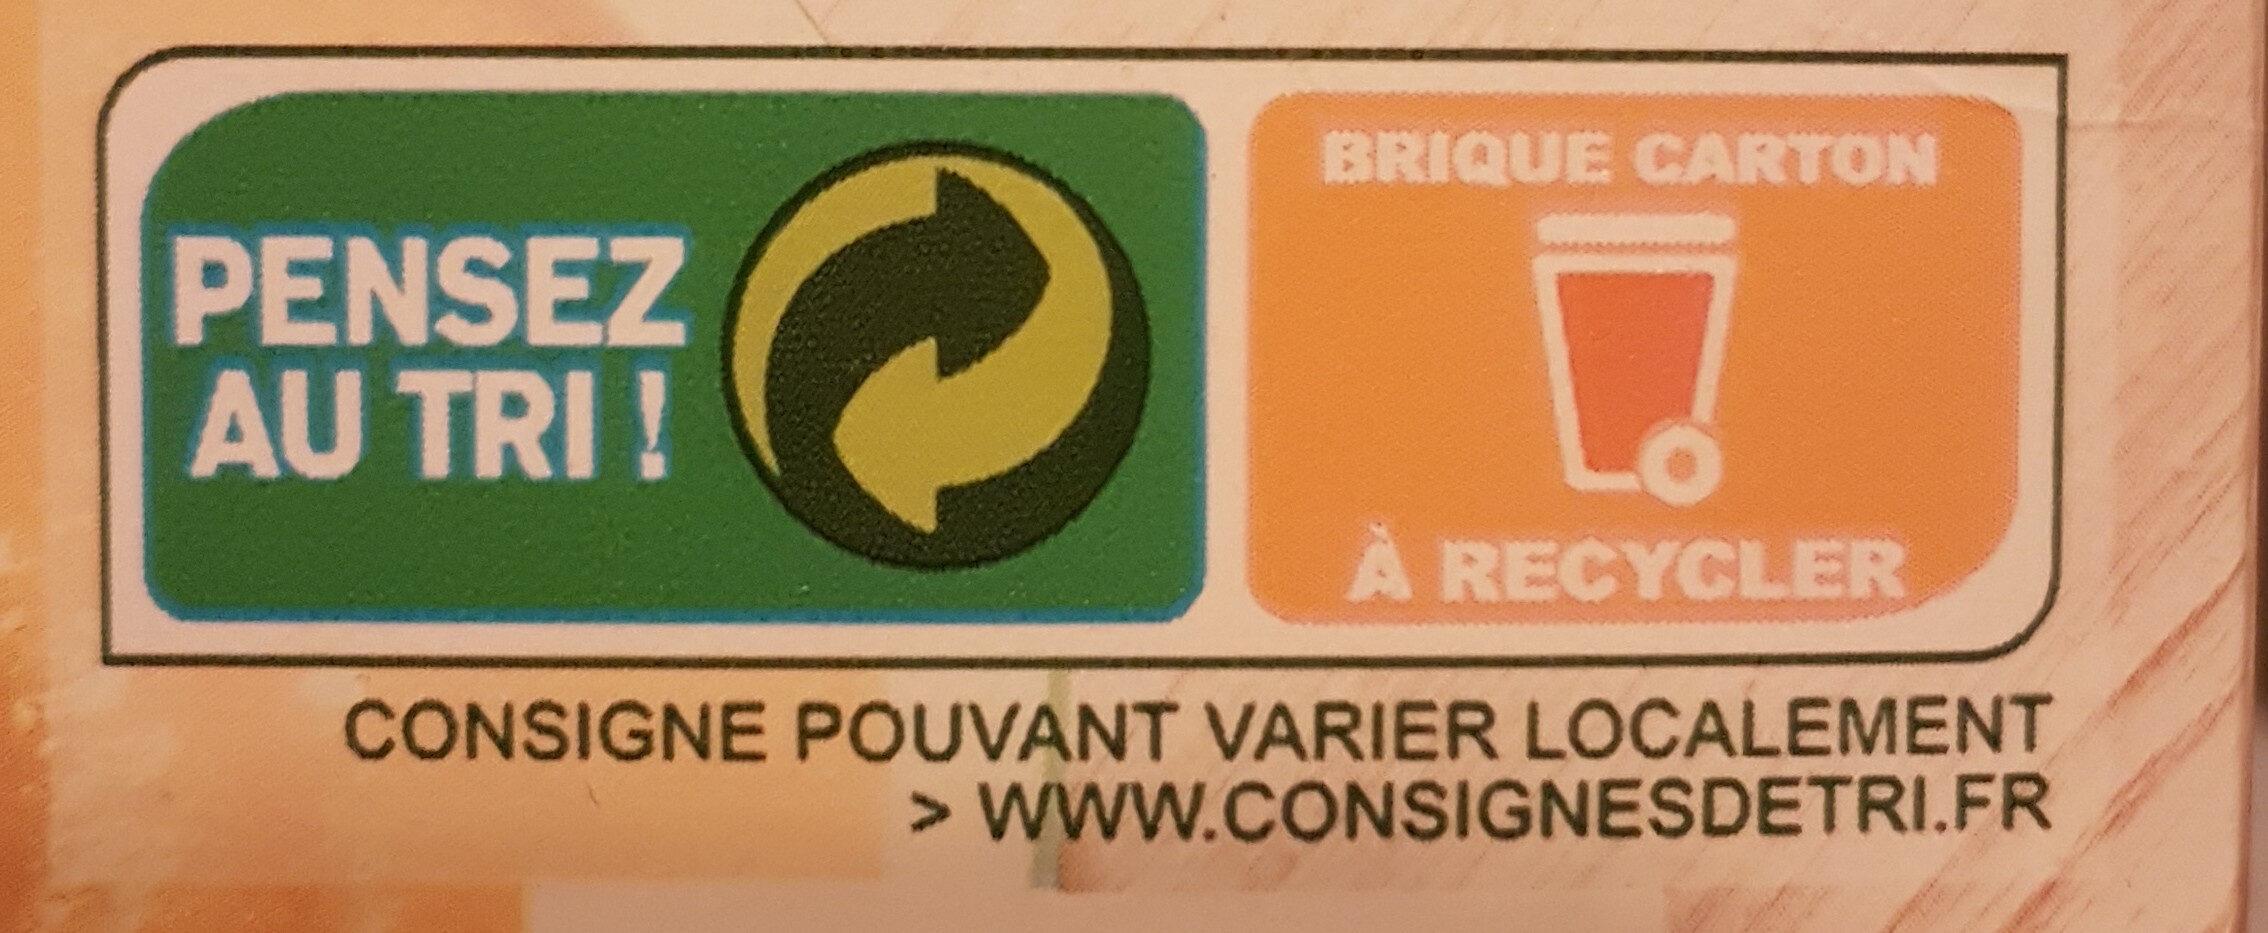 Potage gourmand carottes poireaux - Instruction de recyclage et/ou informations d'emballage - fr